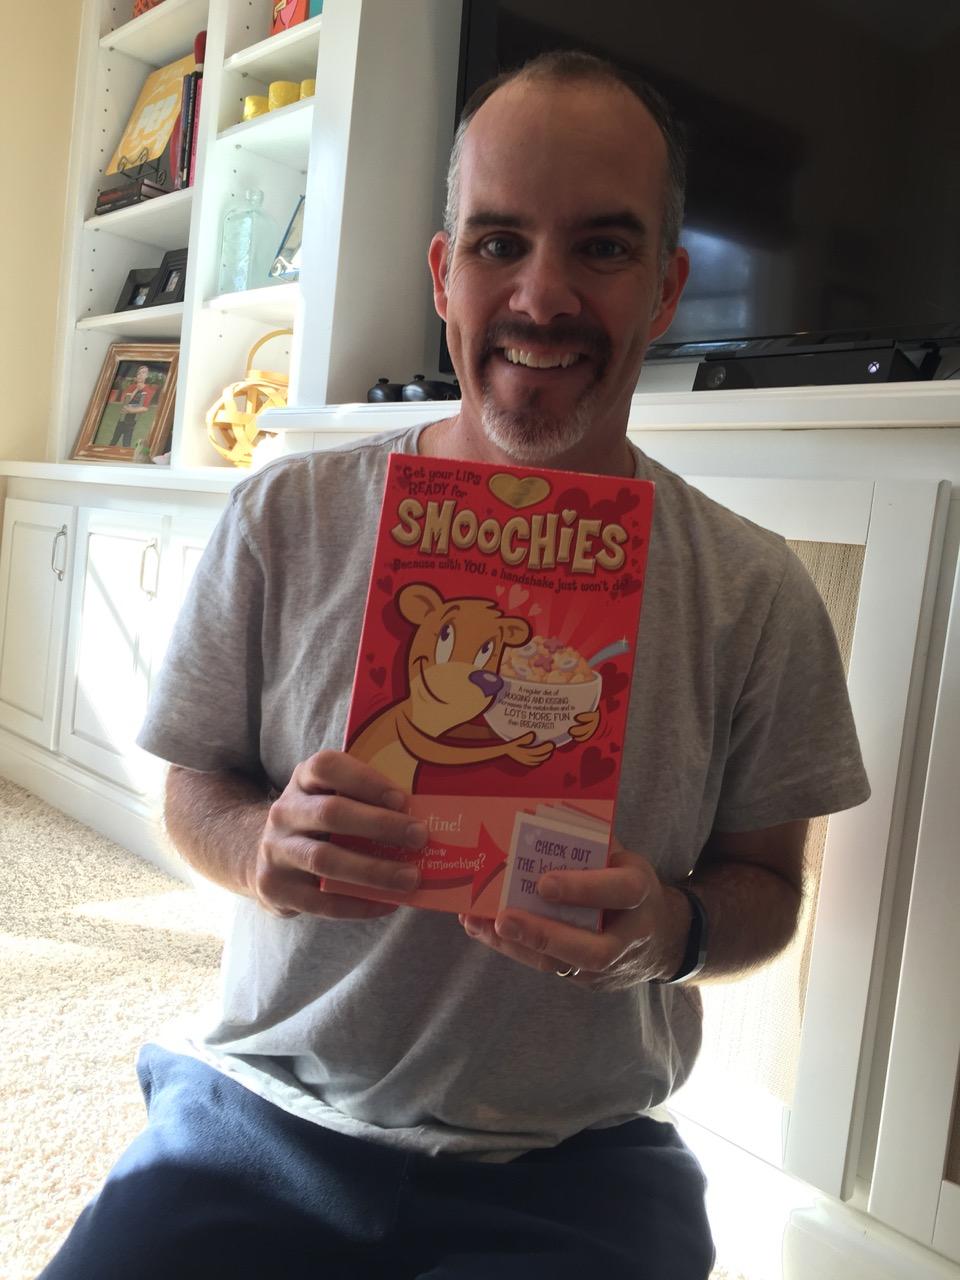 Valentine's Gift Smoochies